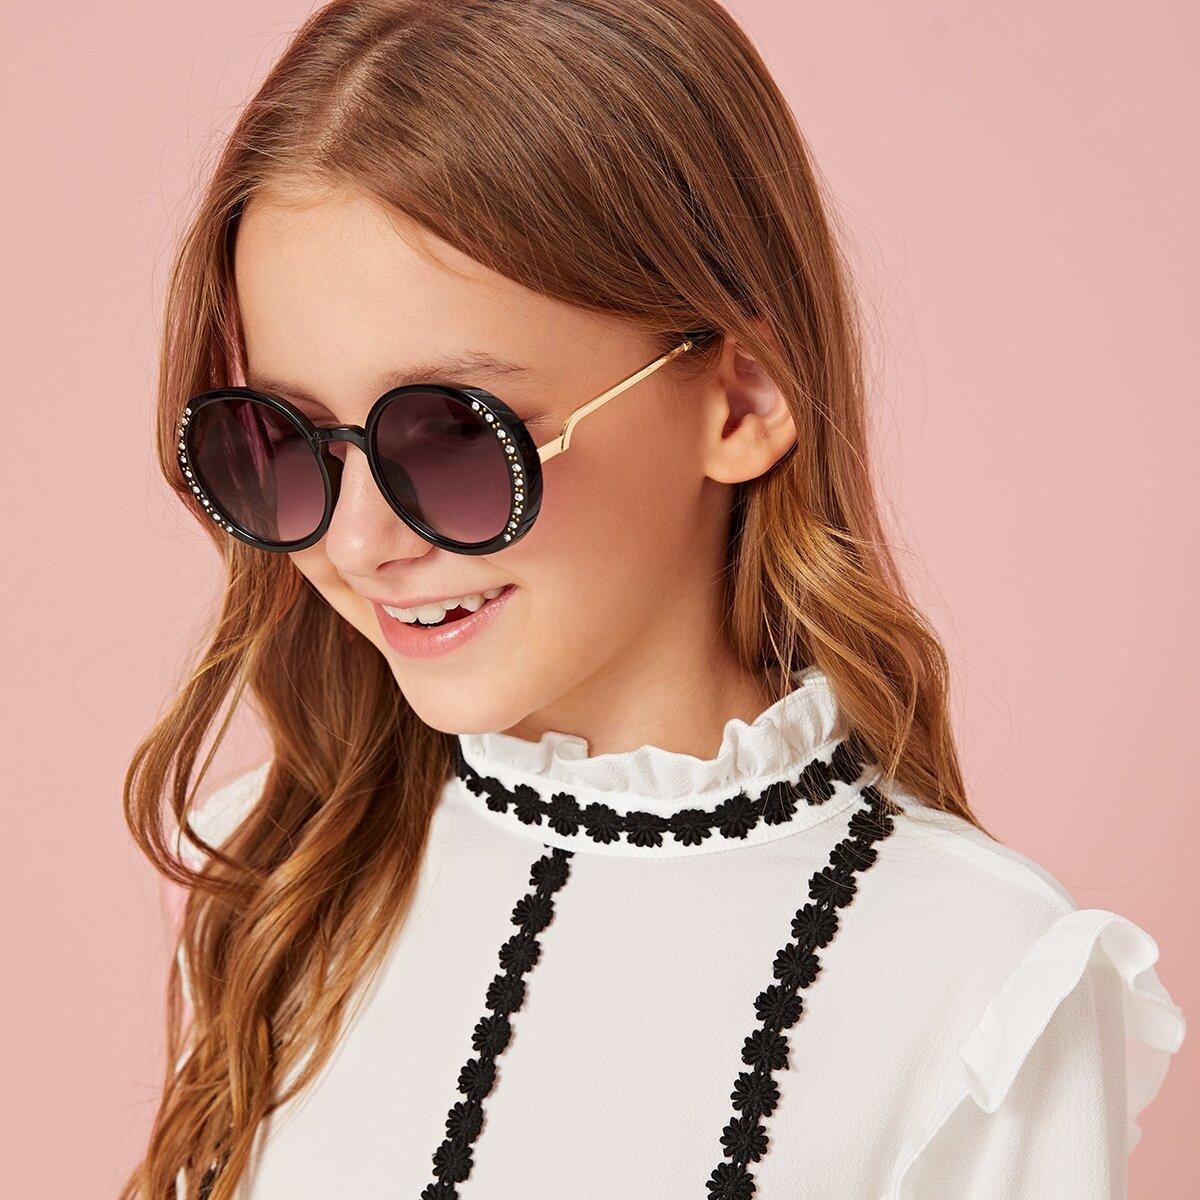 Детские солнечные очки со стразами и футляром